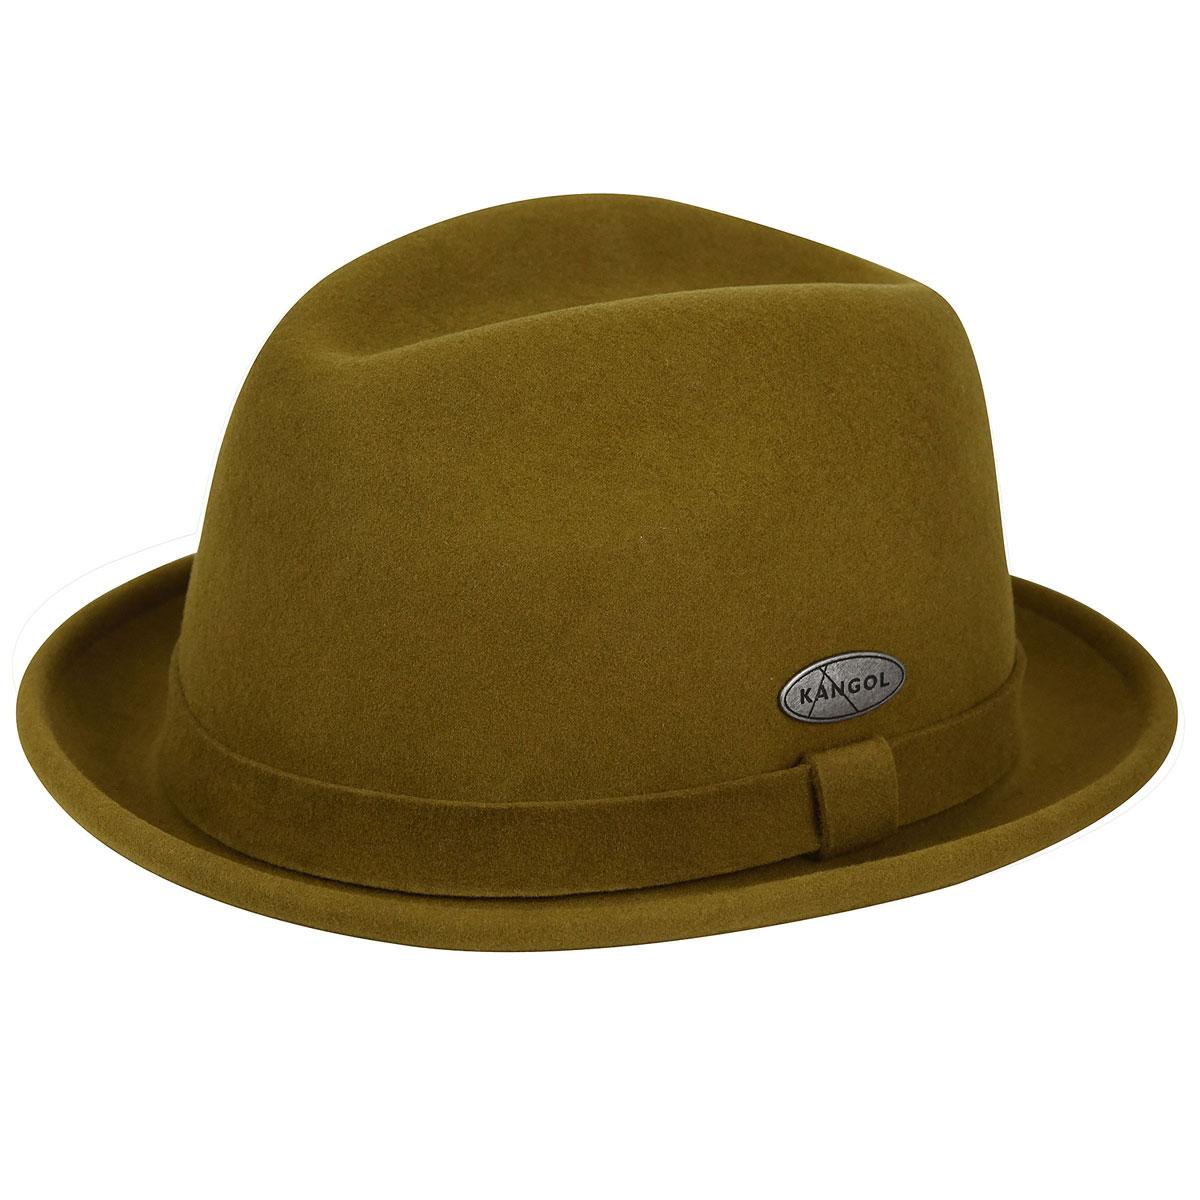 1960s – 70s Style Men's Hats LiteFeltPlayer $110.00 AT vintagedancer.com